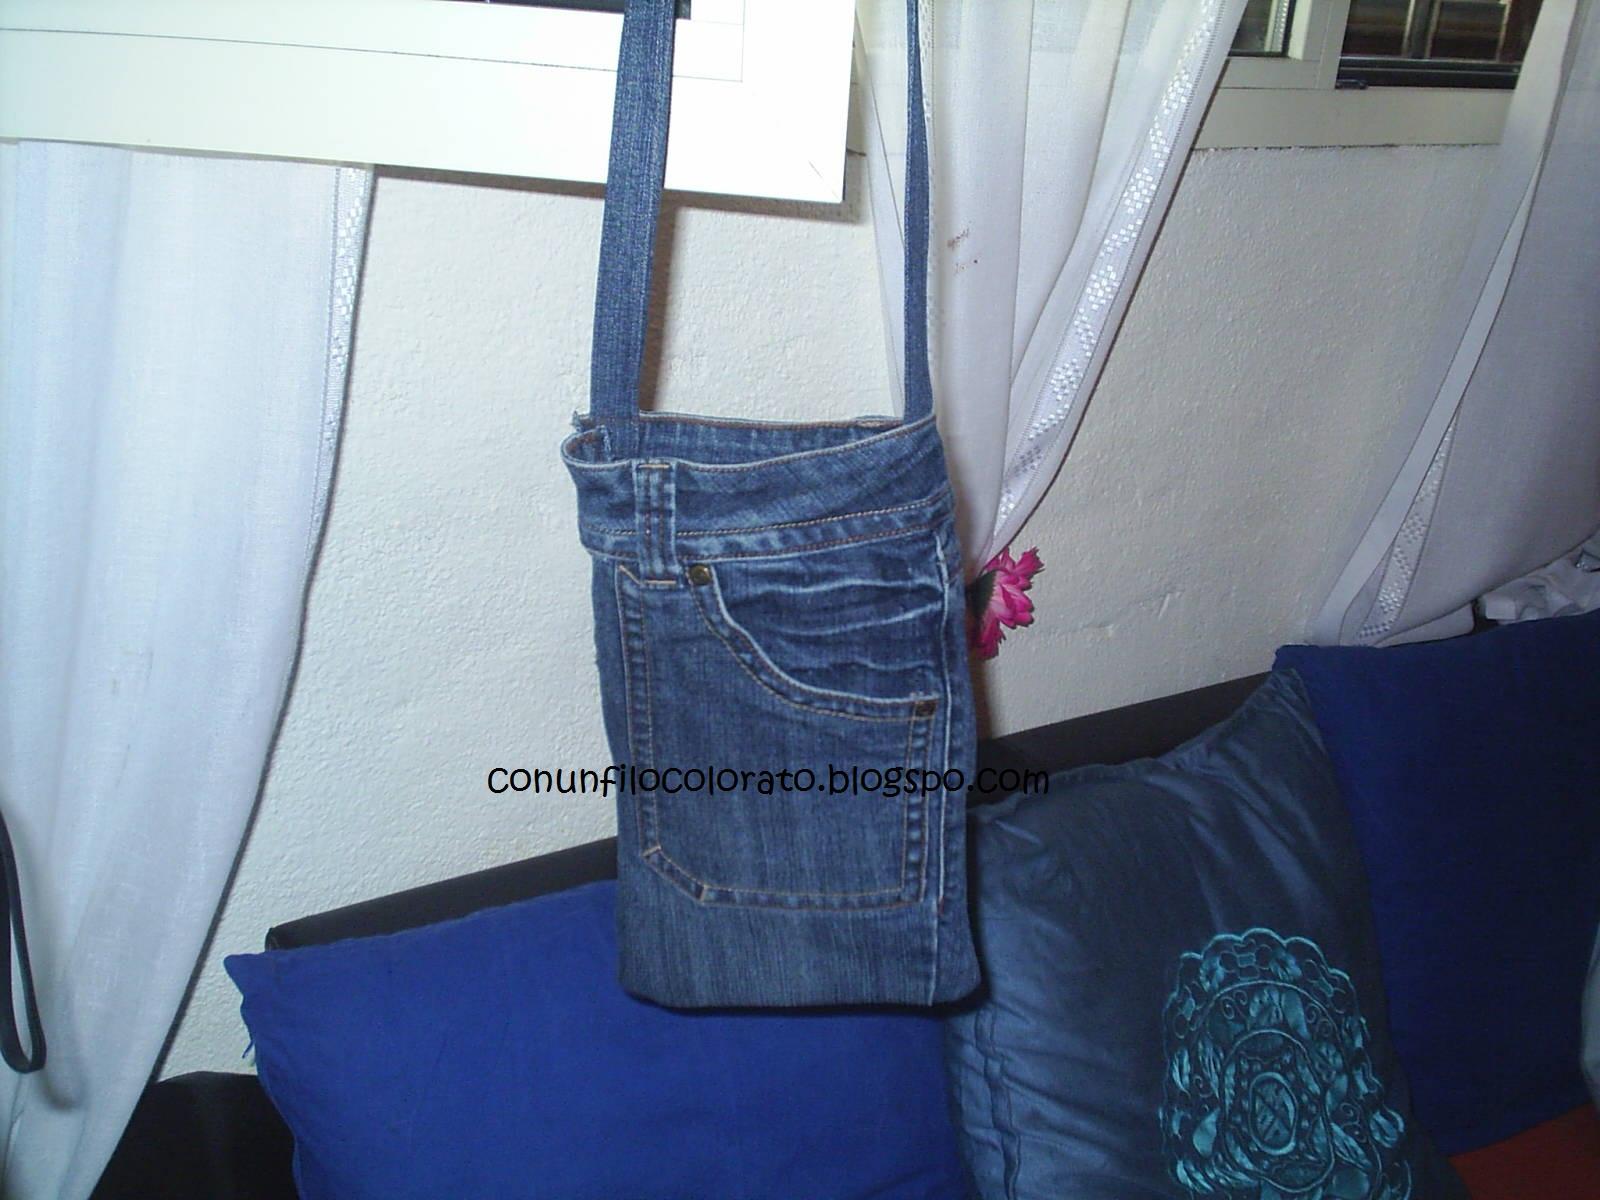 Borse Fatte A Mano Con I Jeans : Con un filo colorato borse in jeans modelli vari